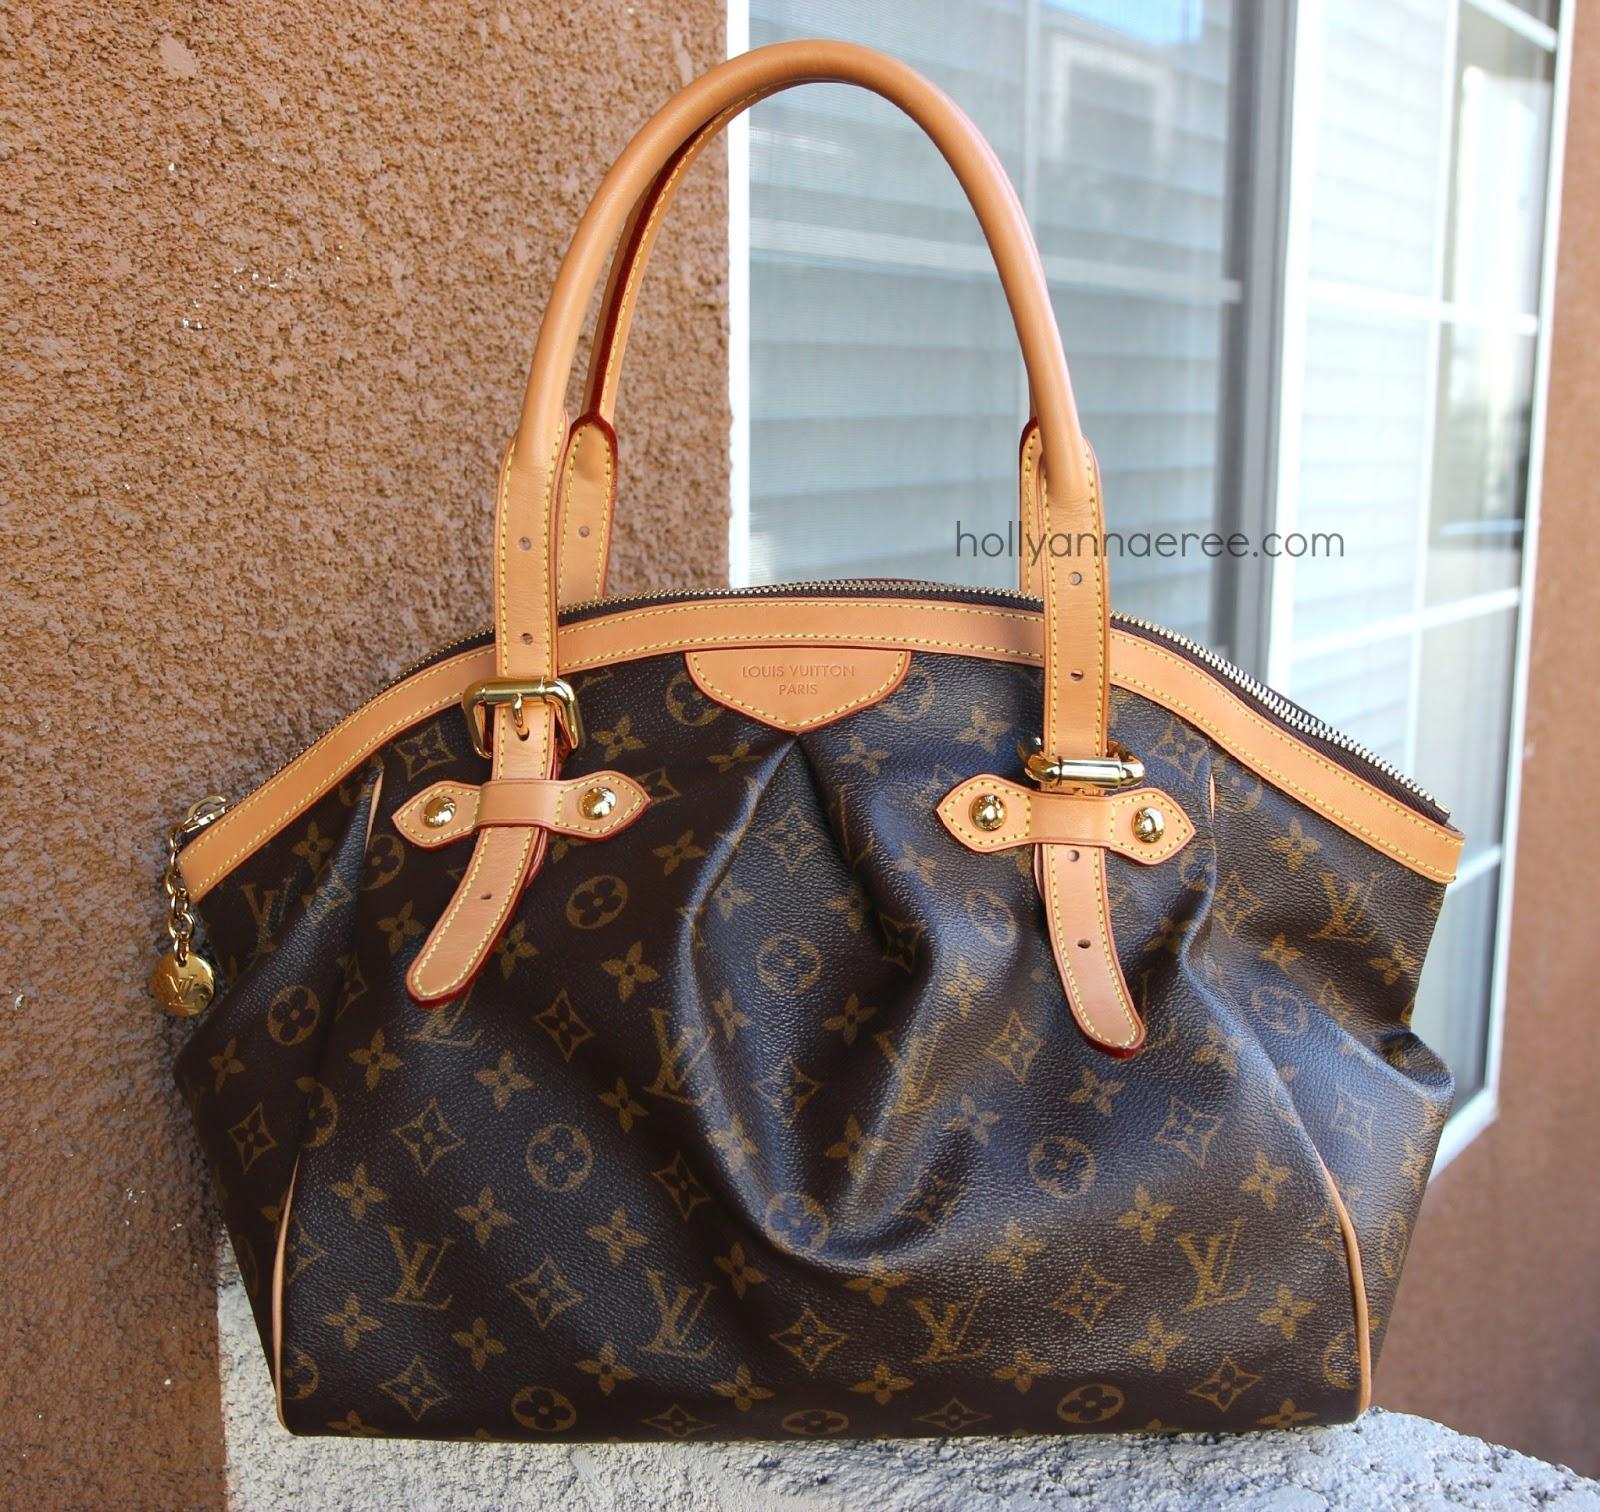 27bd26947a15 Holly Ann-AeRee 2.0  LOUIS VUITTON Tivoli GM